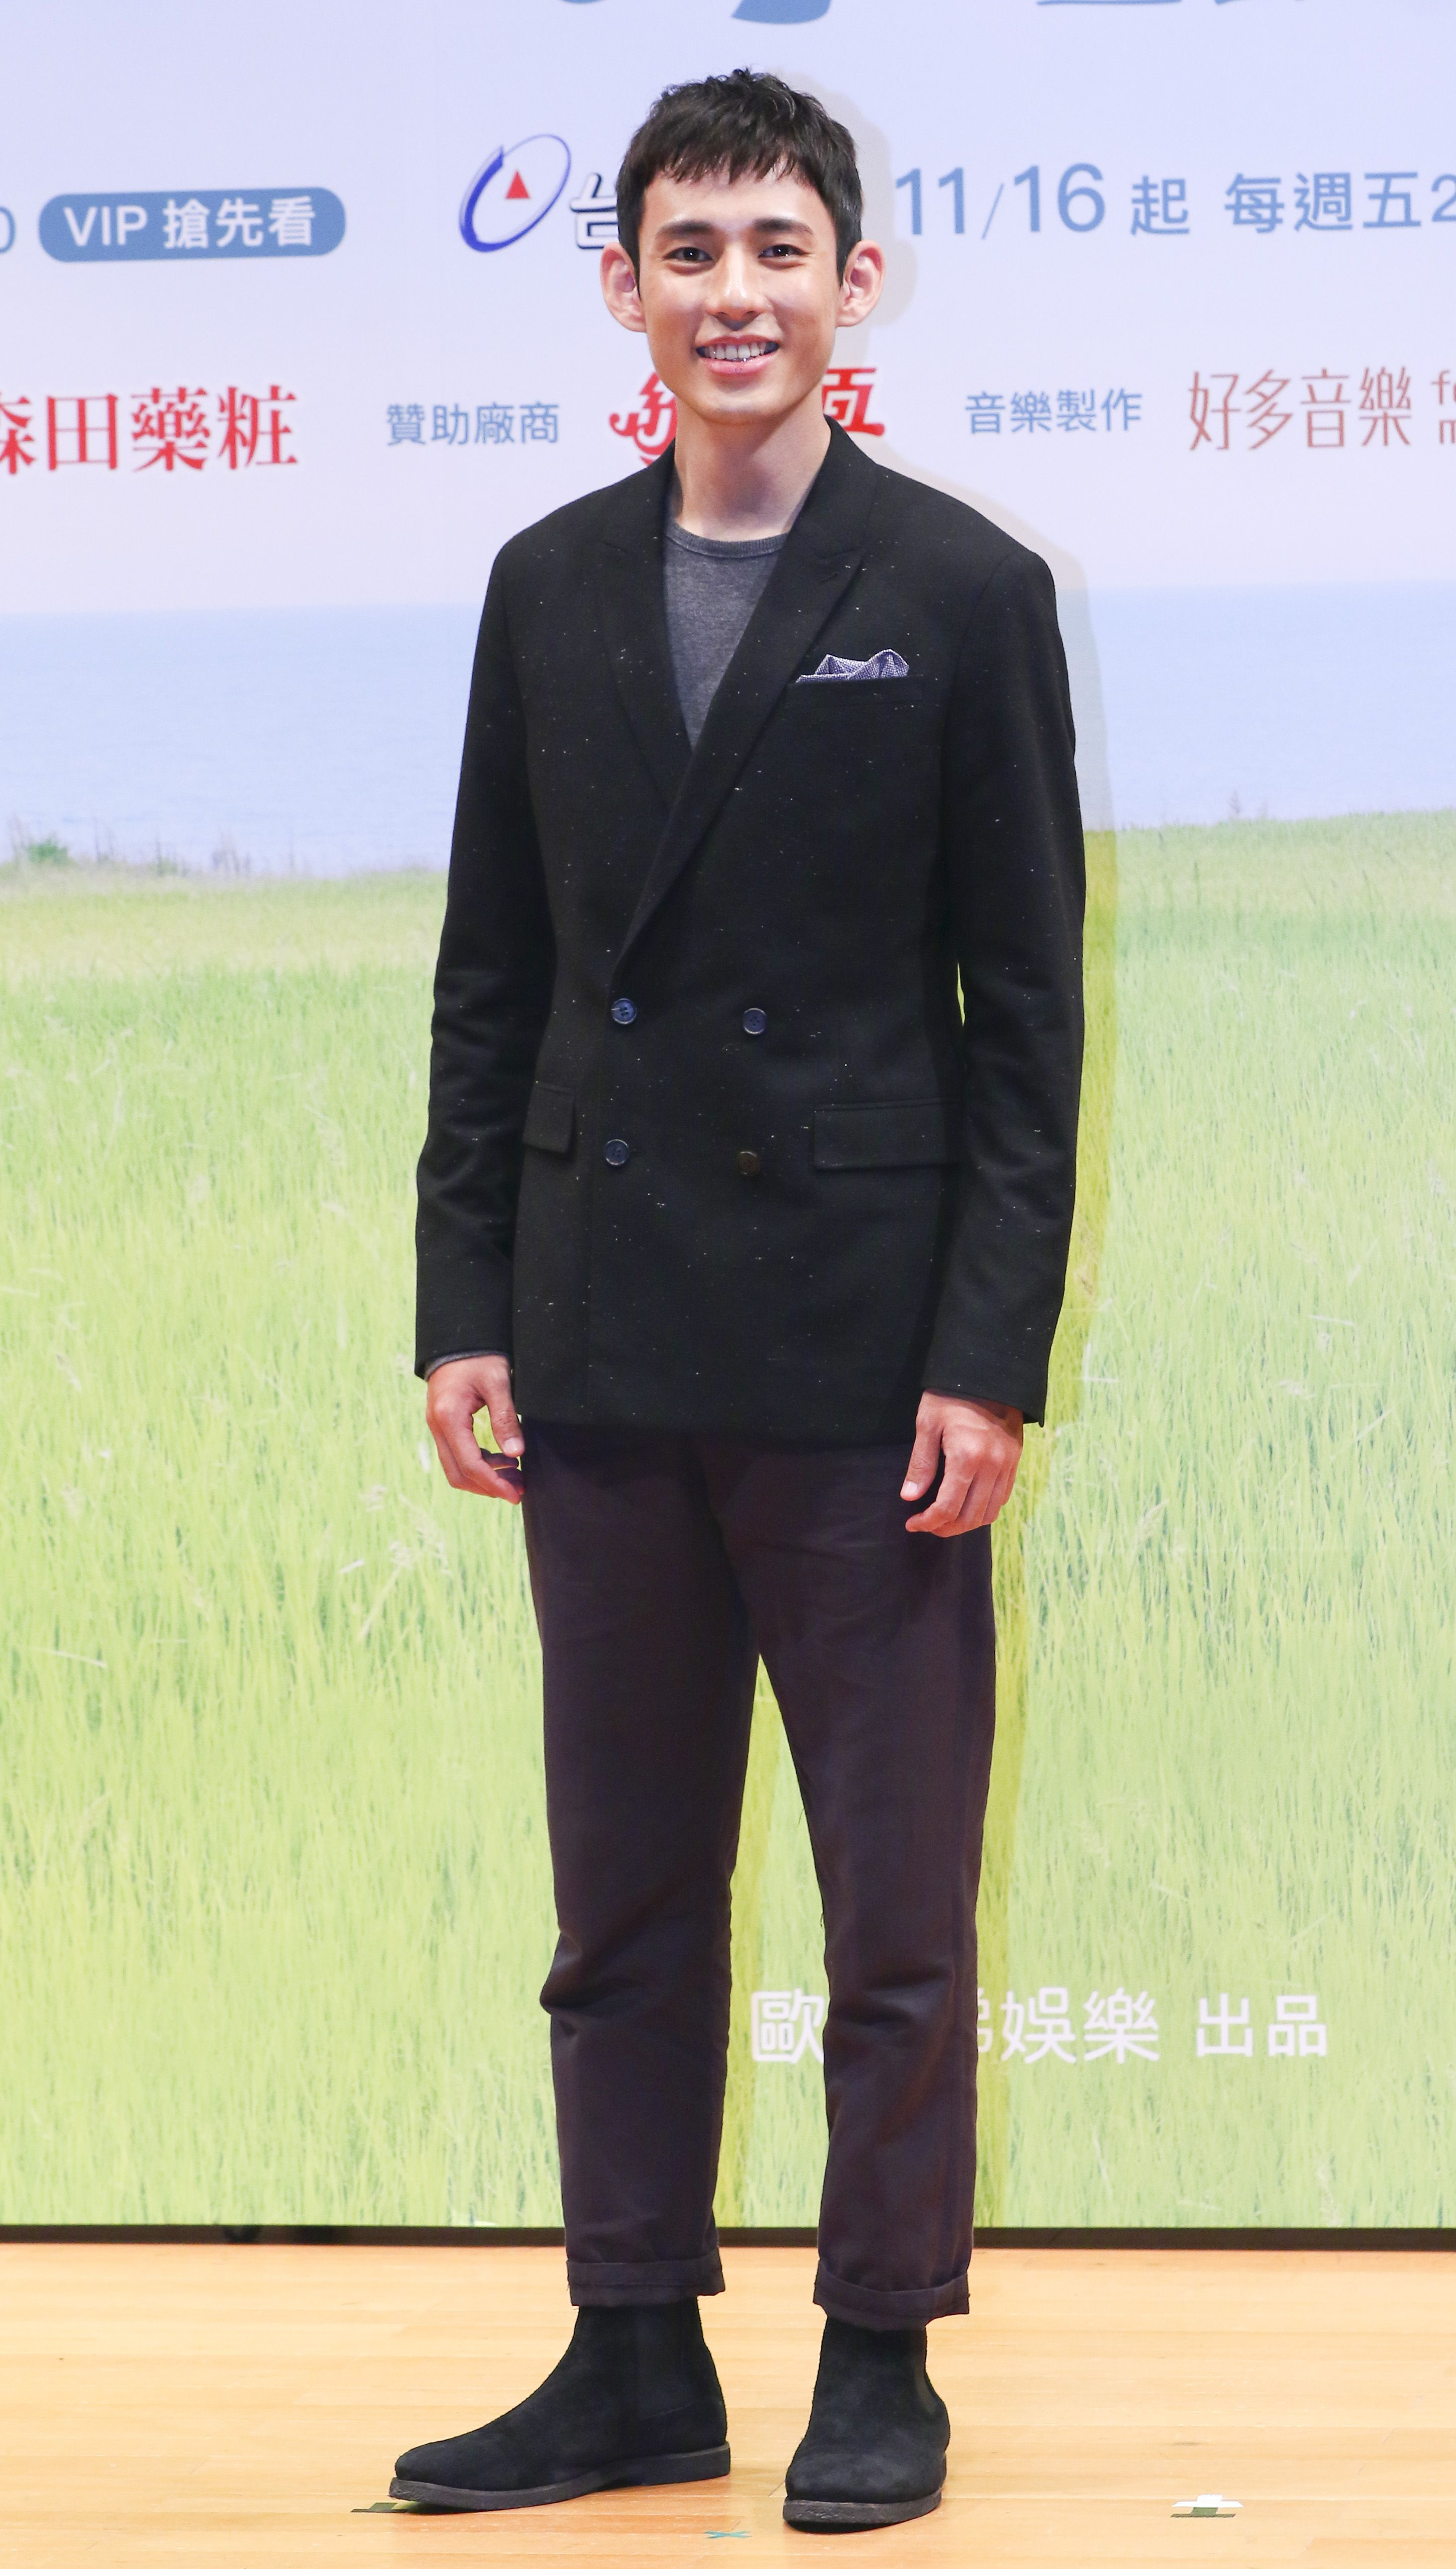 「種菜女神」首映發布會男主角徐鈞浩。(記者林士傑/攝影)